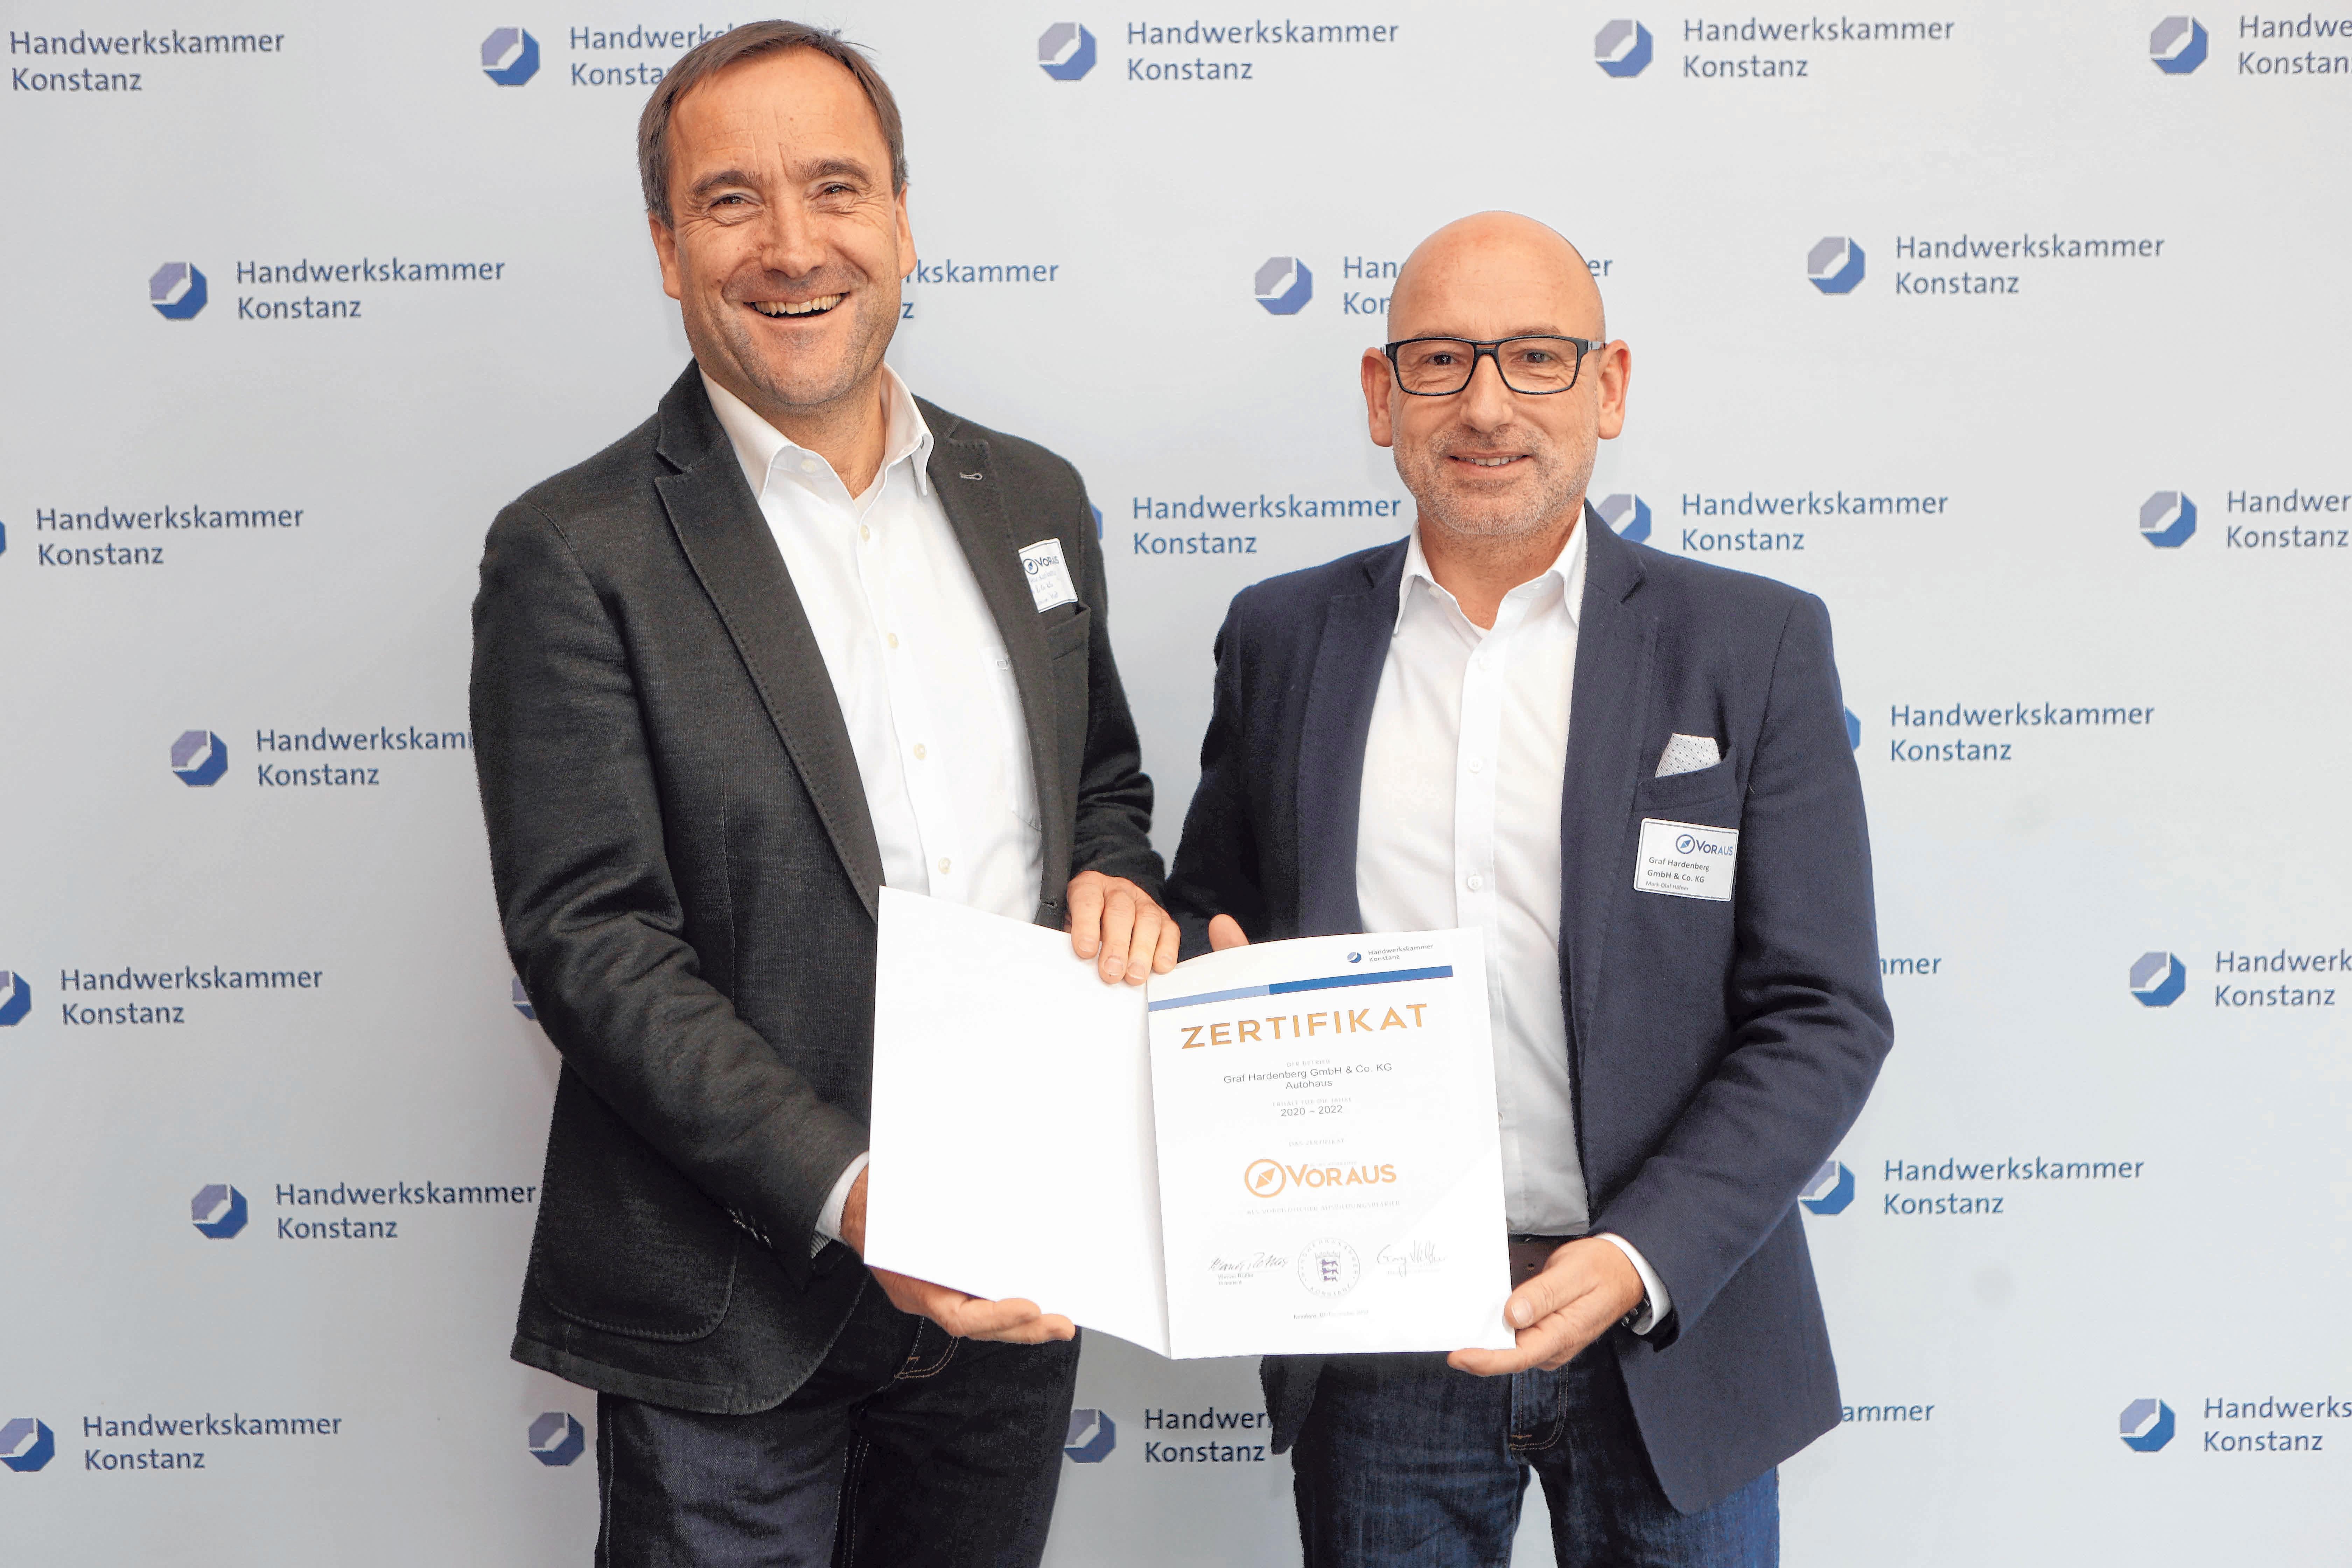 Ausgezeichnet: Serviceleiter Joachim Matt (l.) und Geschäftsführer Mark-O. Häfner freuen sich über die Urkunde der Handwerkskammer Konstanz.